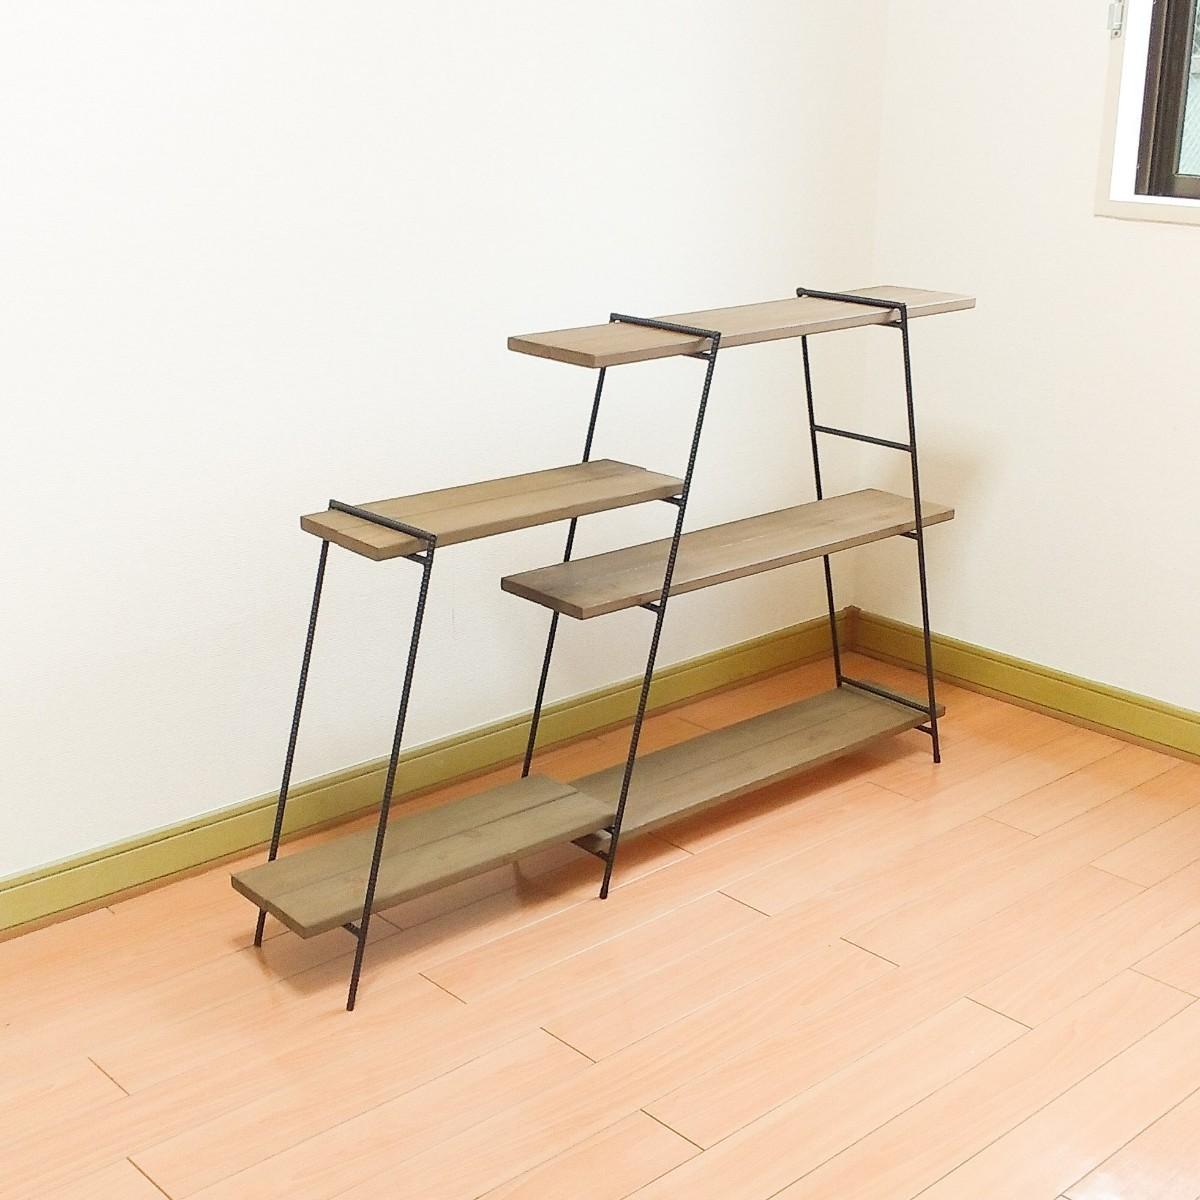 アイアンテーブル アイアンラック アウトドア アイアンシェルフ 多肉植物 ガーデニング キャンプテーブル バーベキュー